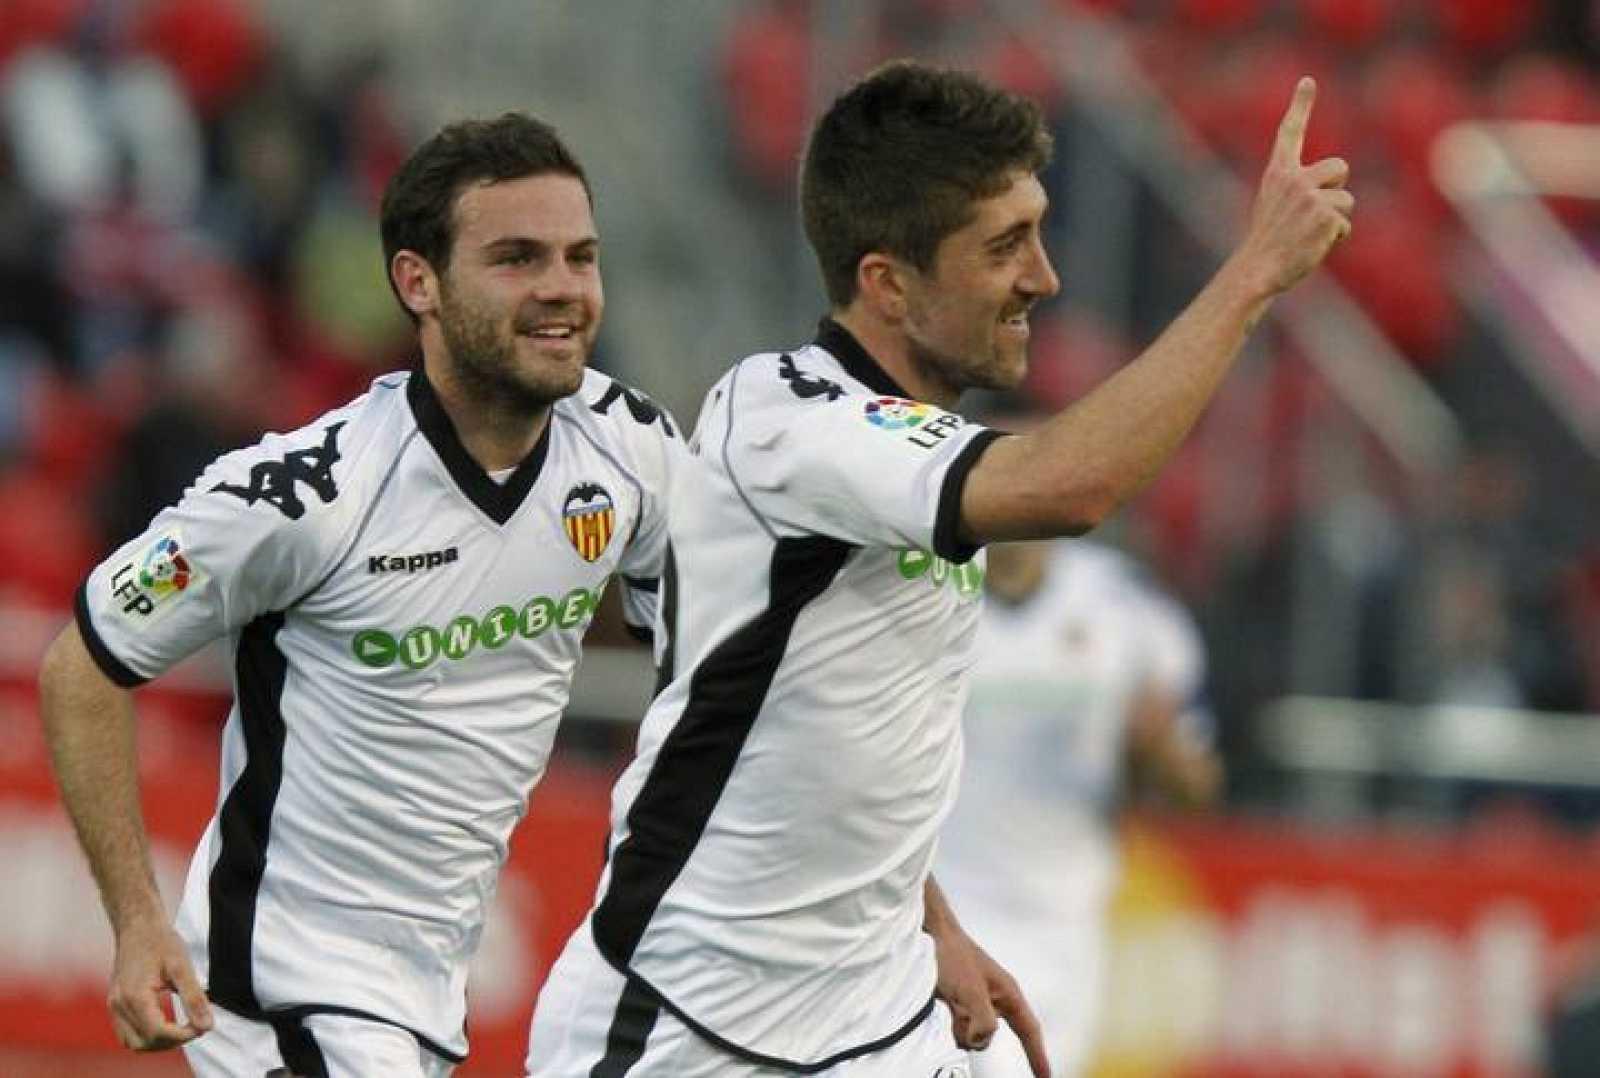 Los jugadores del Valencia, Pablo y Mata, celebran un gol.